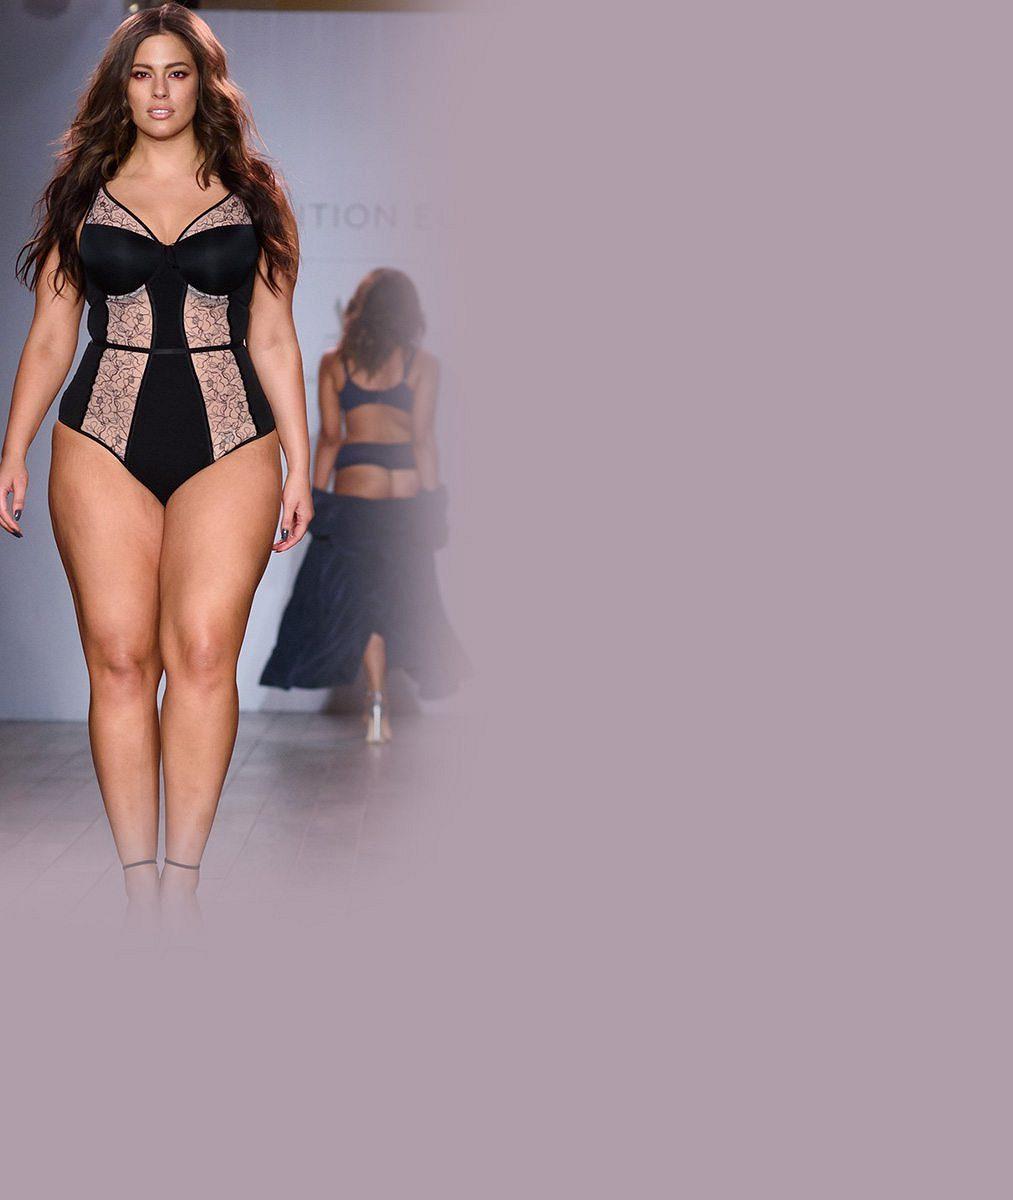 Nejkrásnější XXL modelka triumfovala v prádélku na týdnu módy. Co na ni říkáte?